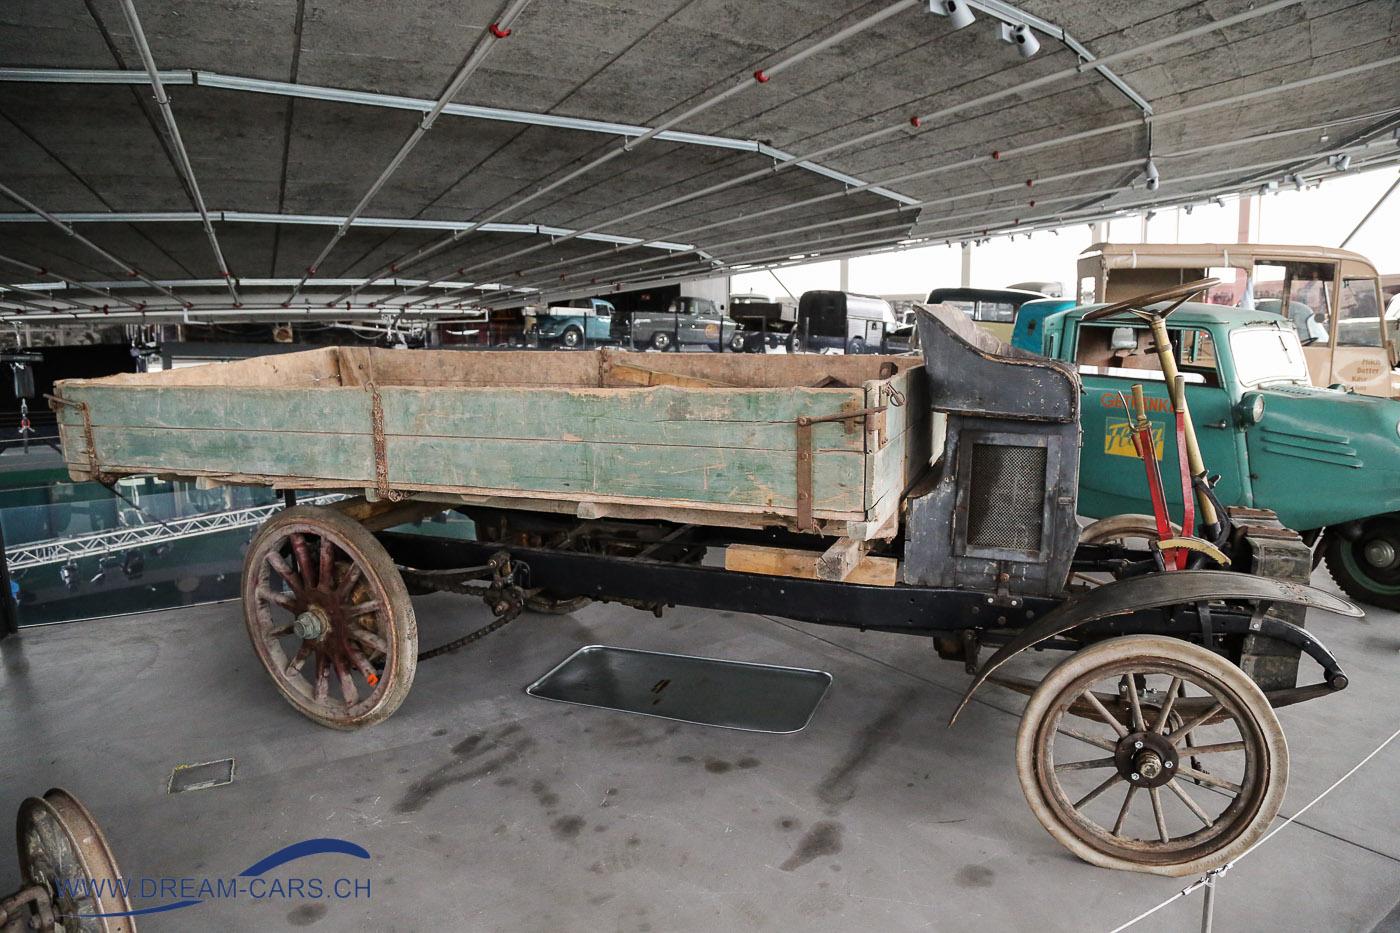 Vom Handkarren zum Lieferwagen - Sonderausstellung im Pantheon Basel, Muttenz 2017. Der zurzeit einzig bekannte Arbenz Lastwagen, der früher in einem schwedischen Museum stand.